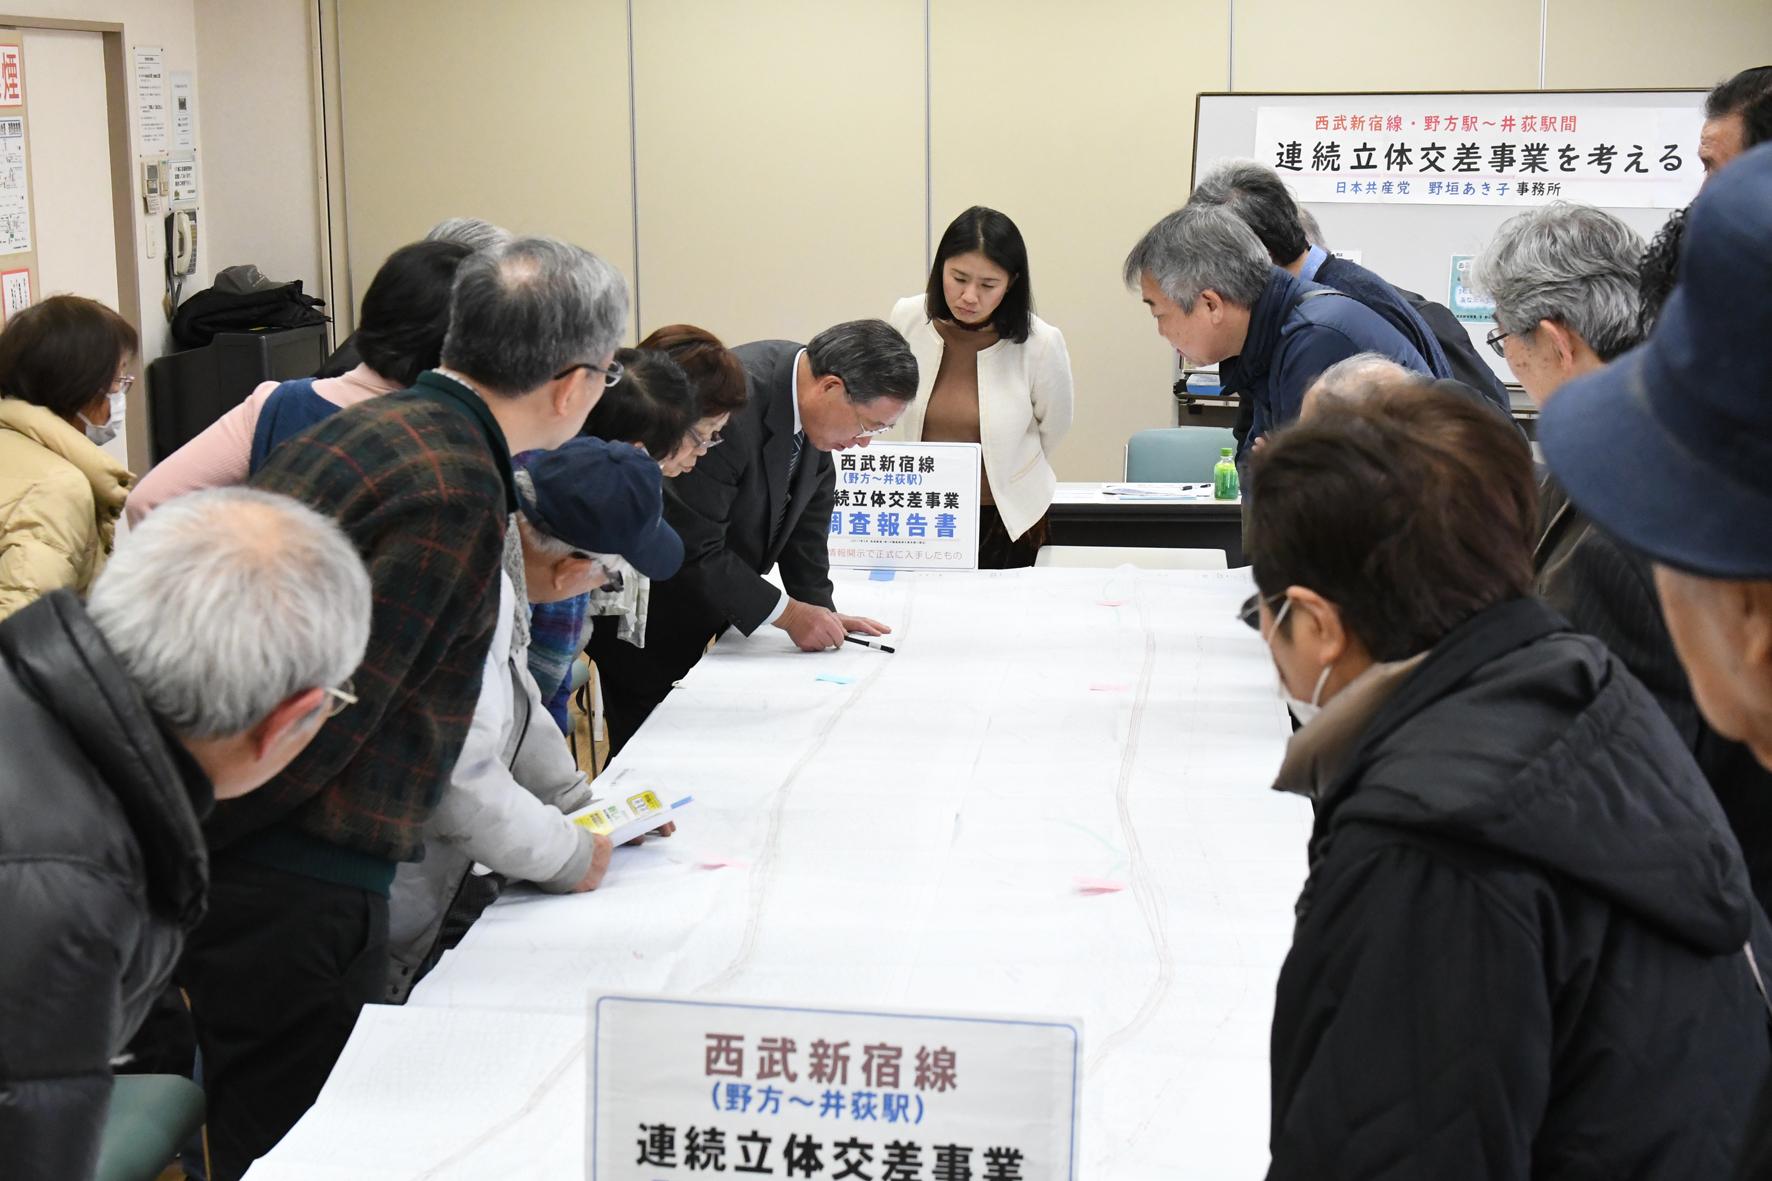 【報告】西武新宿線 野方~井荻間立体交差事業計画を考える